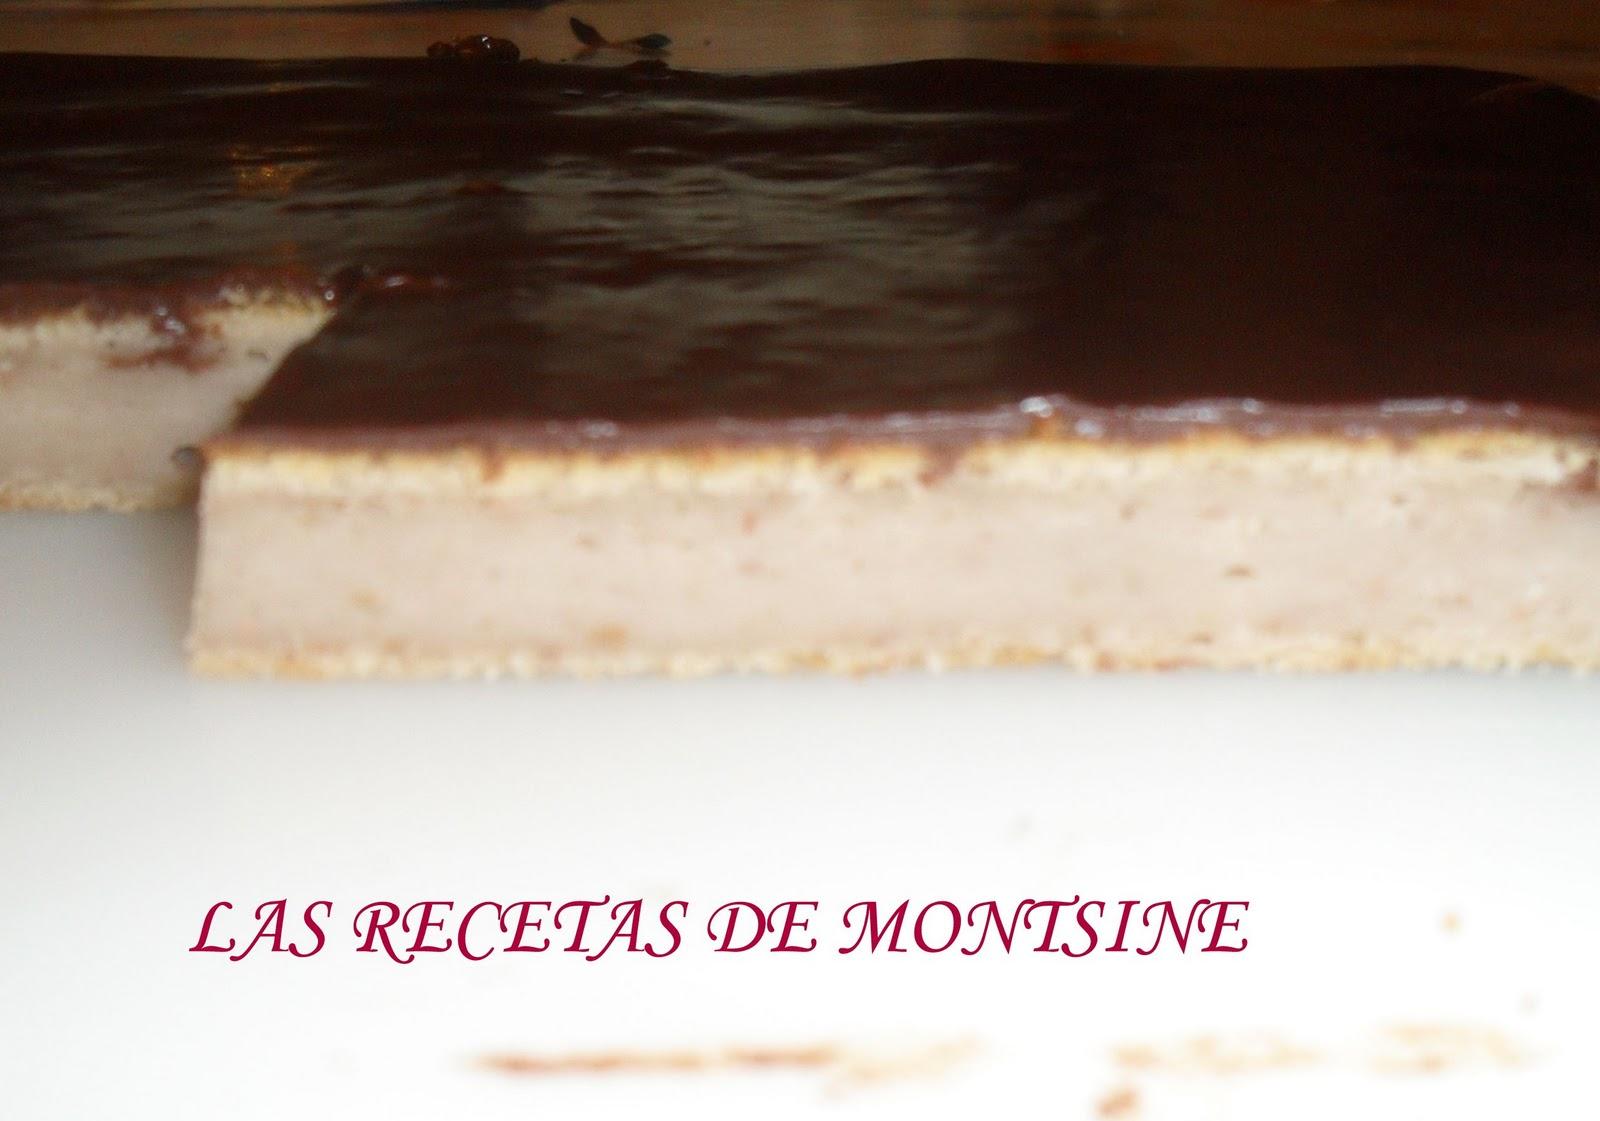 Las recetas de montsine pastel de casta as for Cocinar huevos 7 days to die